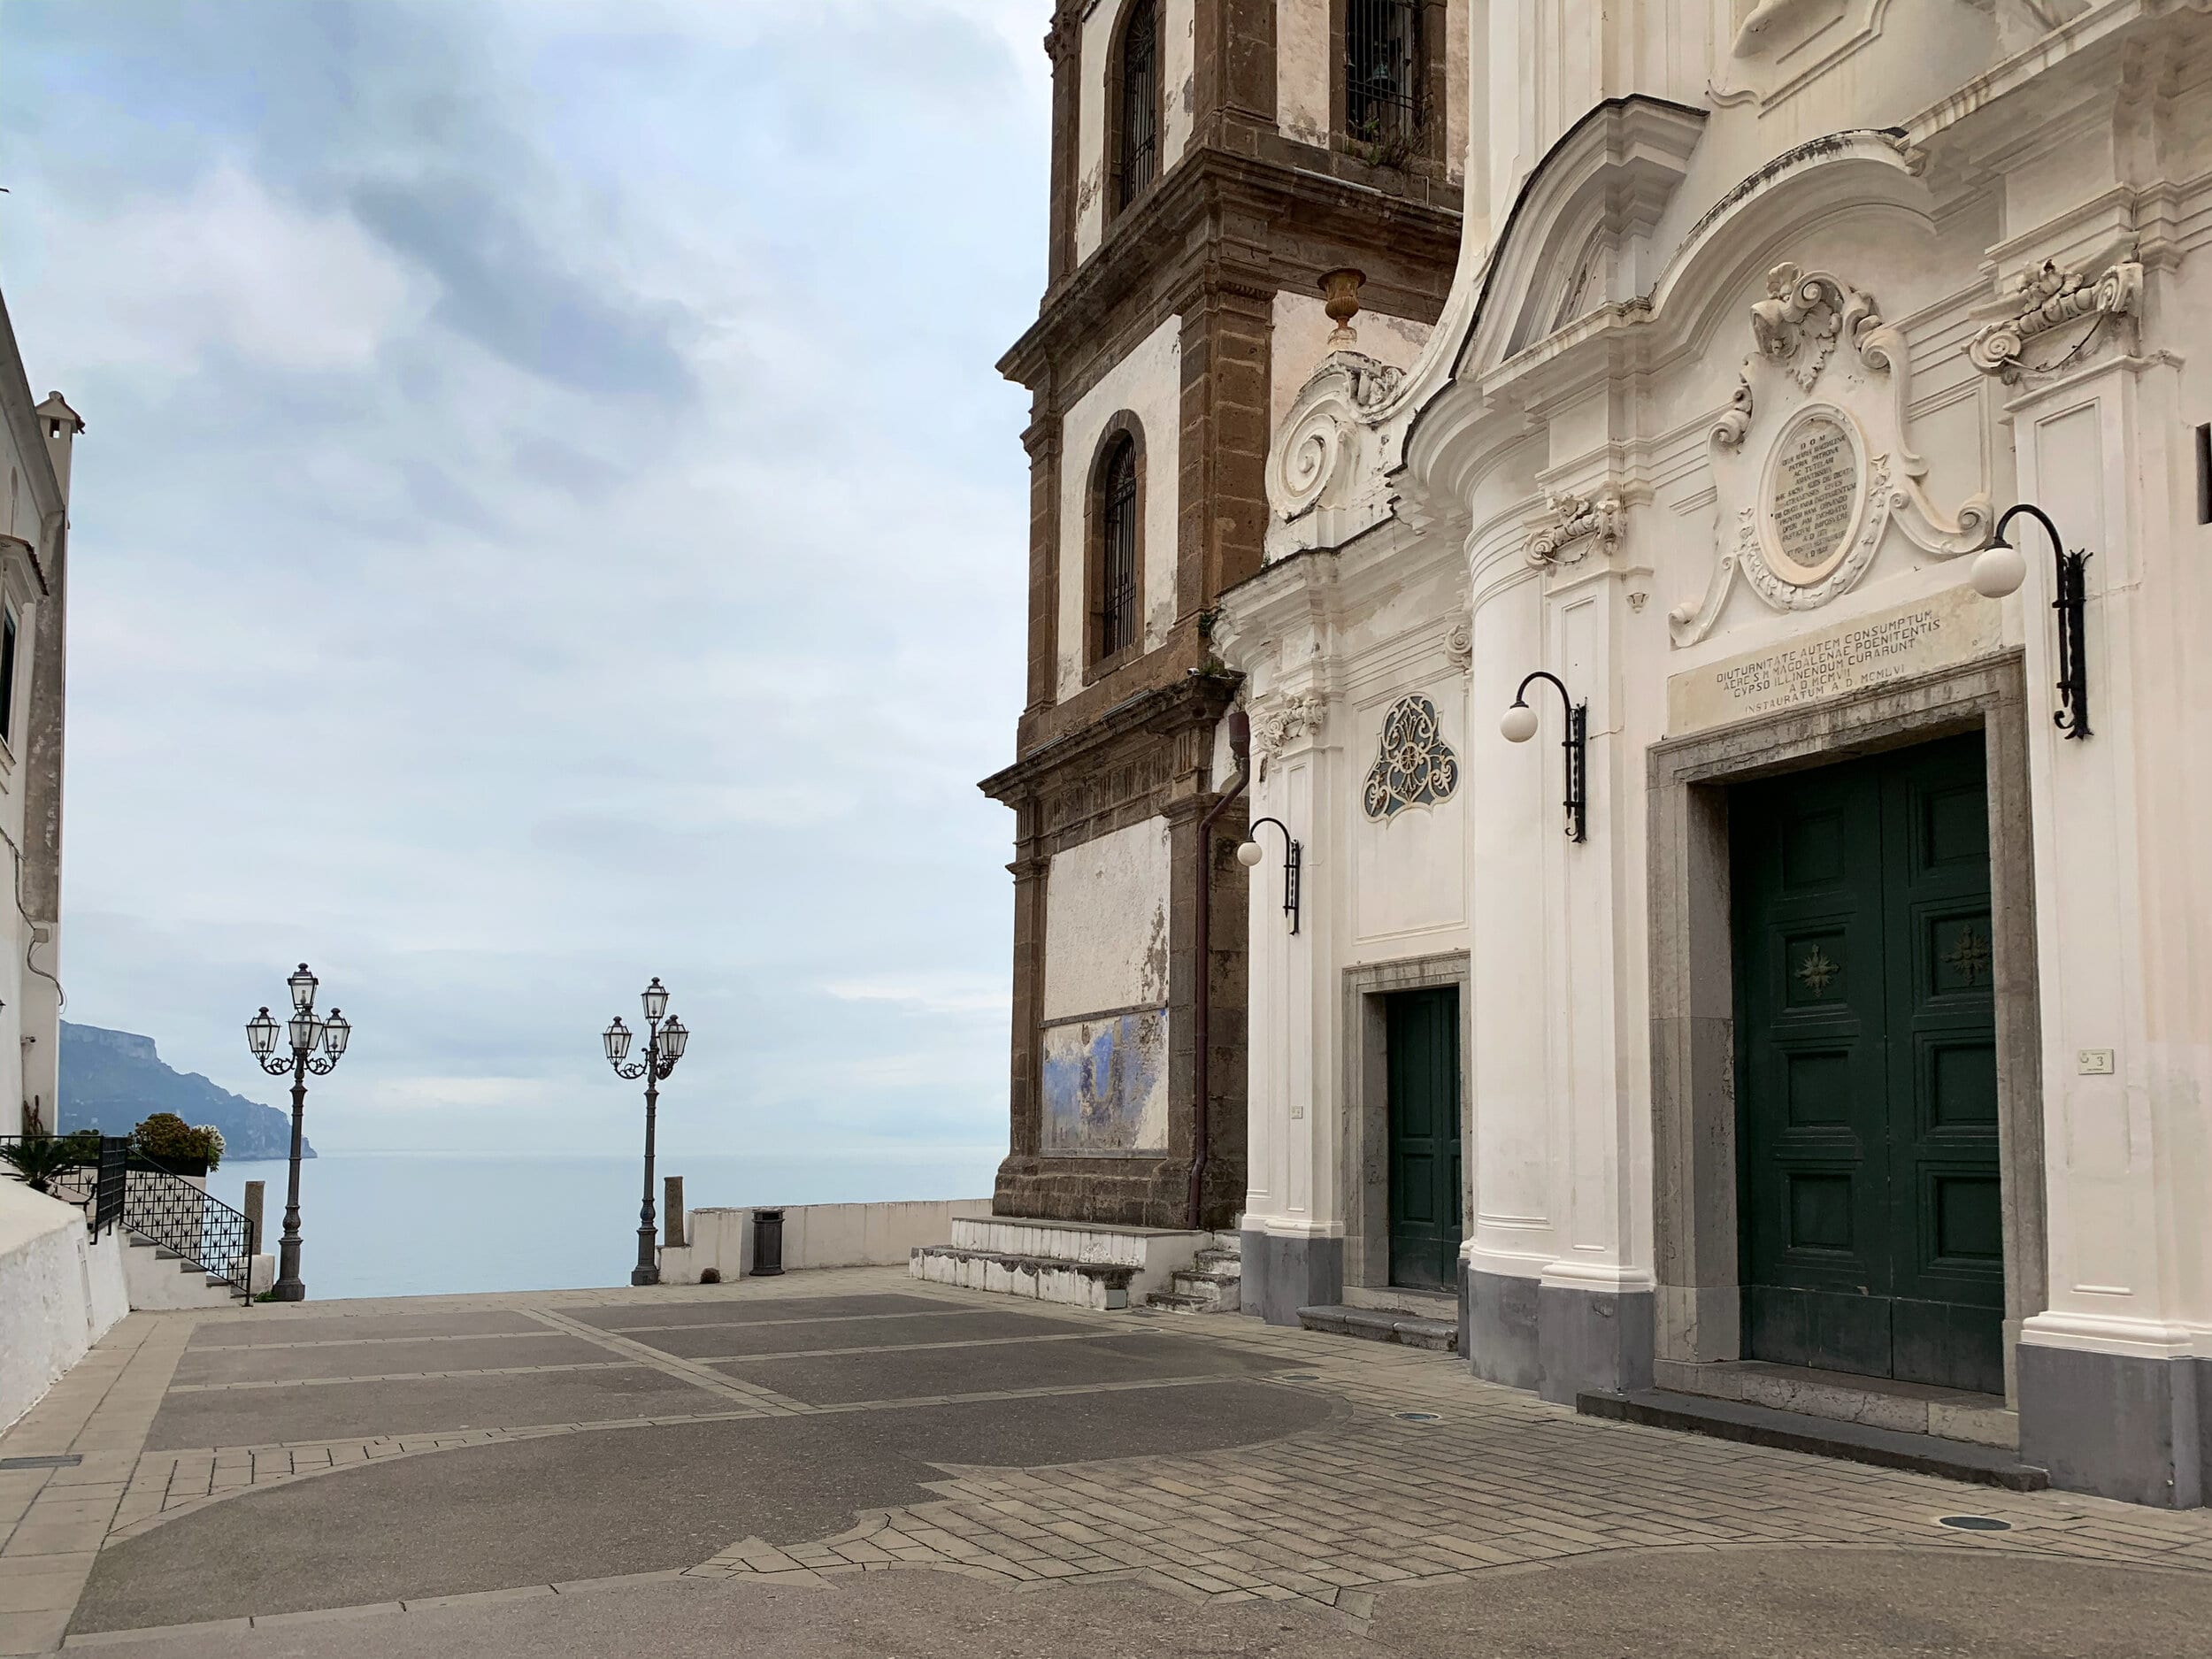 Площадь перед церковью святой Марии Магдалены